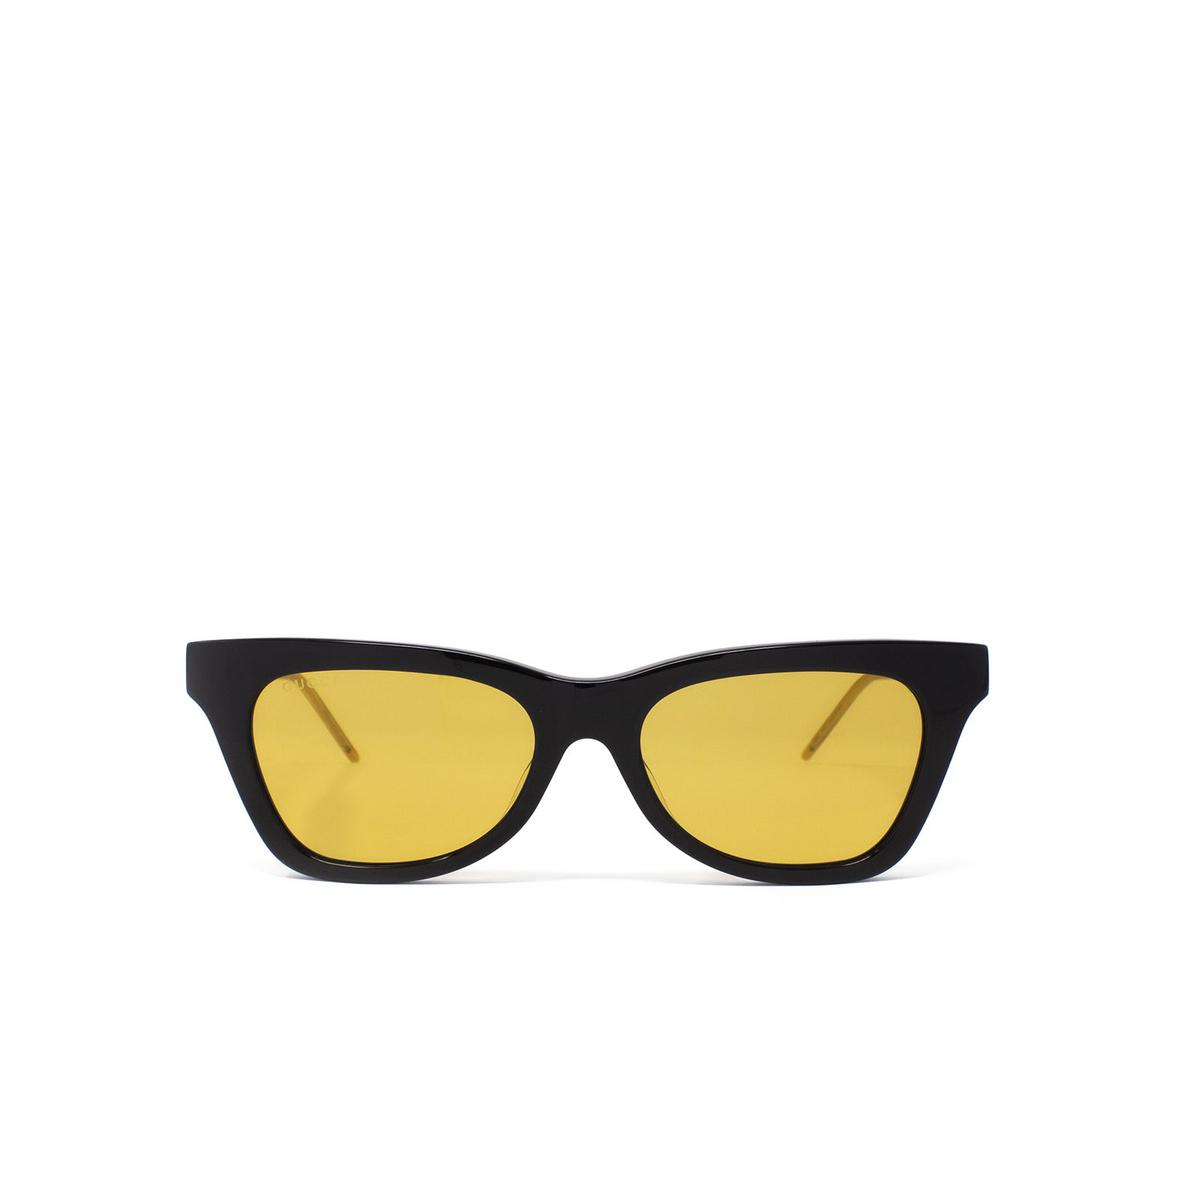 Gucci® Cat-eye Sunglasses: GG0598S color Black 004 - 1/3.